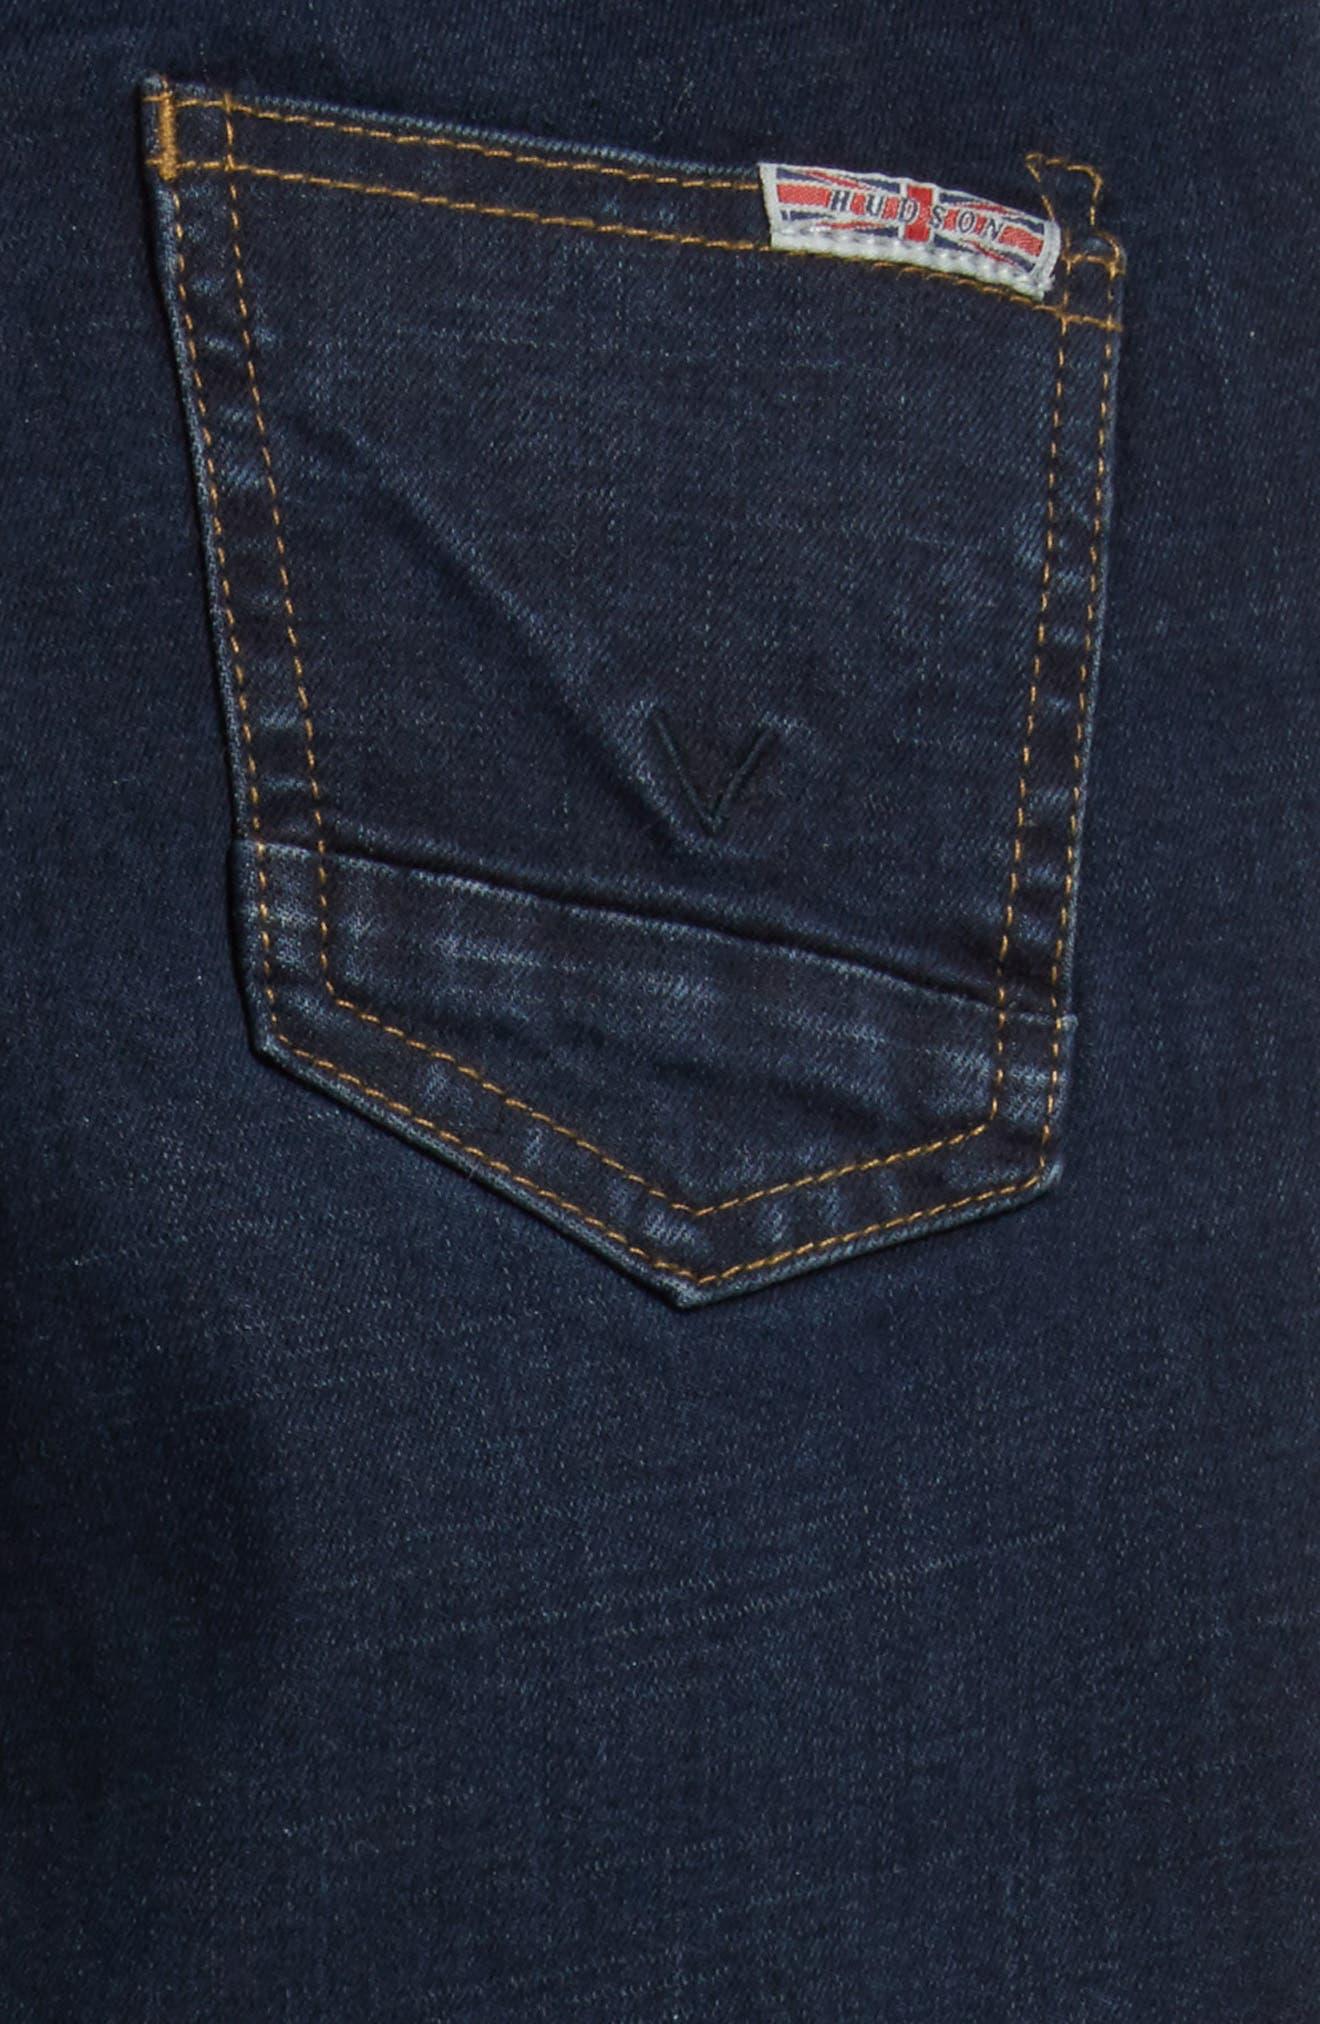 Hudson Jagger Slim Straight Leg Jeans,                             Alternate thumbnail 3, color,                             403